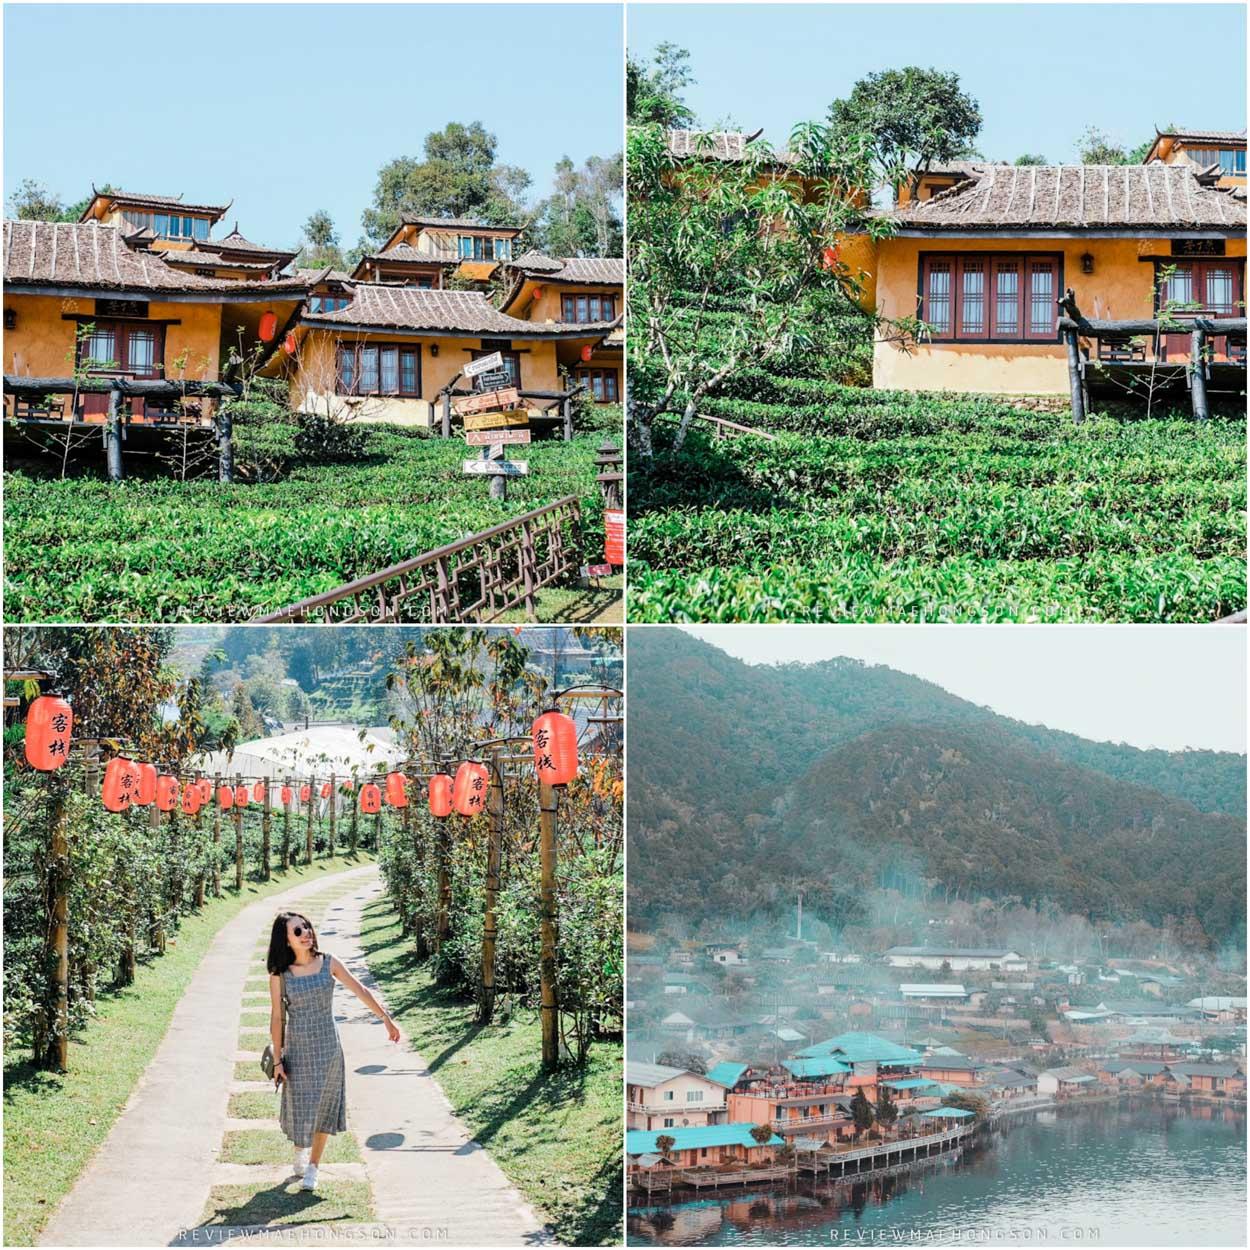 ลีไวน์รักไทยรีสอร์ท รีสอร์ทกลางหุบเขาตกแต่งห้องแบบชาวจีนยูนานห้องพักล้อมรอบไปด้วยต้นชา แล้วยังมีหมอกในยาวเช้าเพราะใกล้ๆที่พักเป็นอ่างเก็บน้ำขนาดใหญ่ของหมู่บ้าน